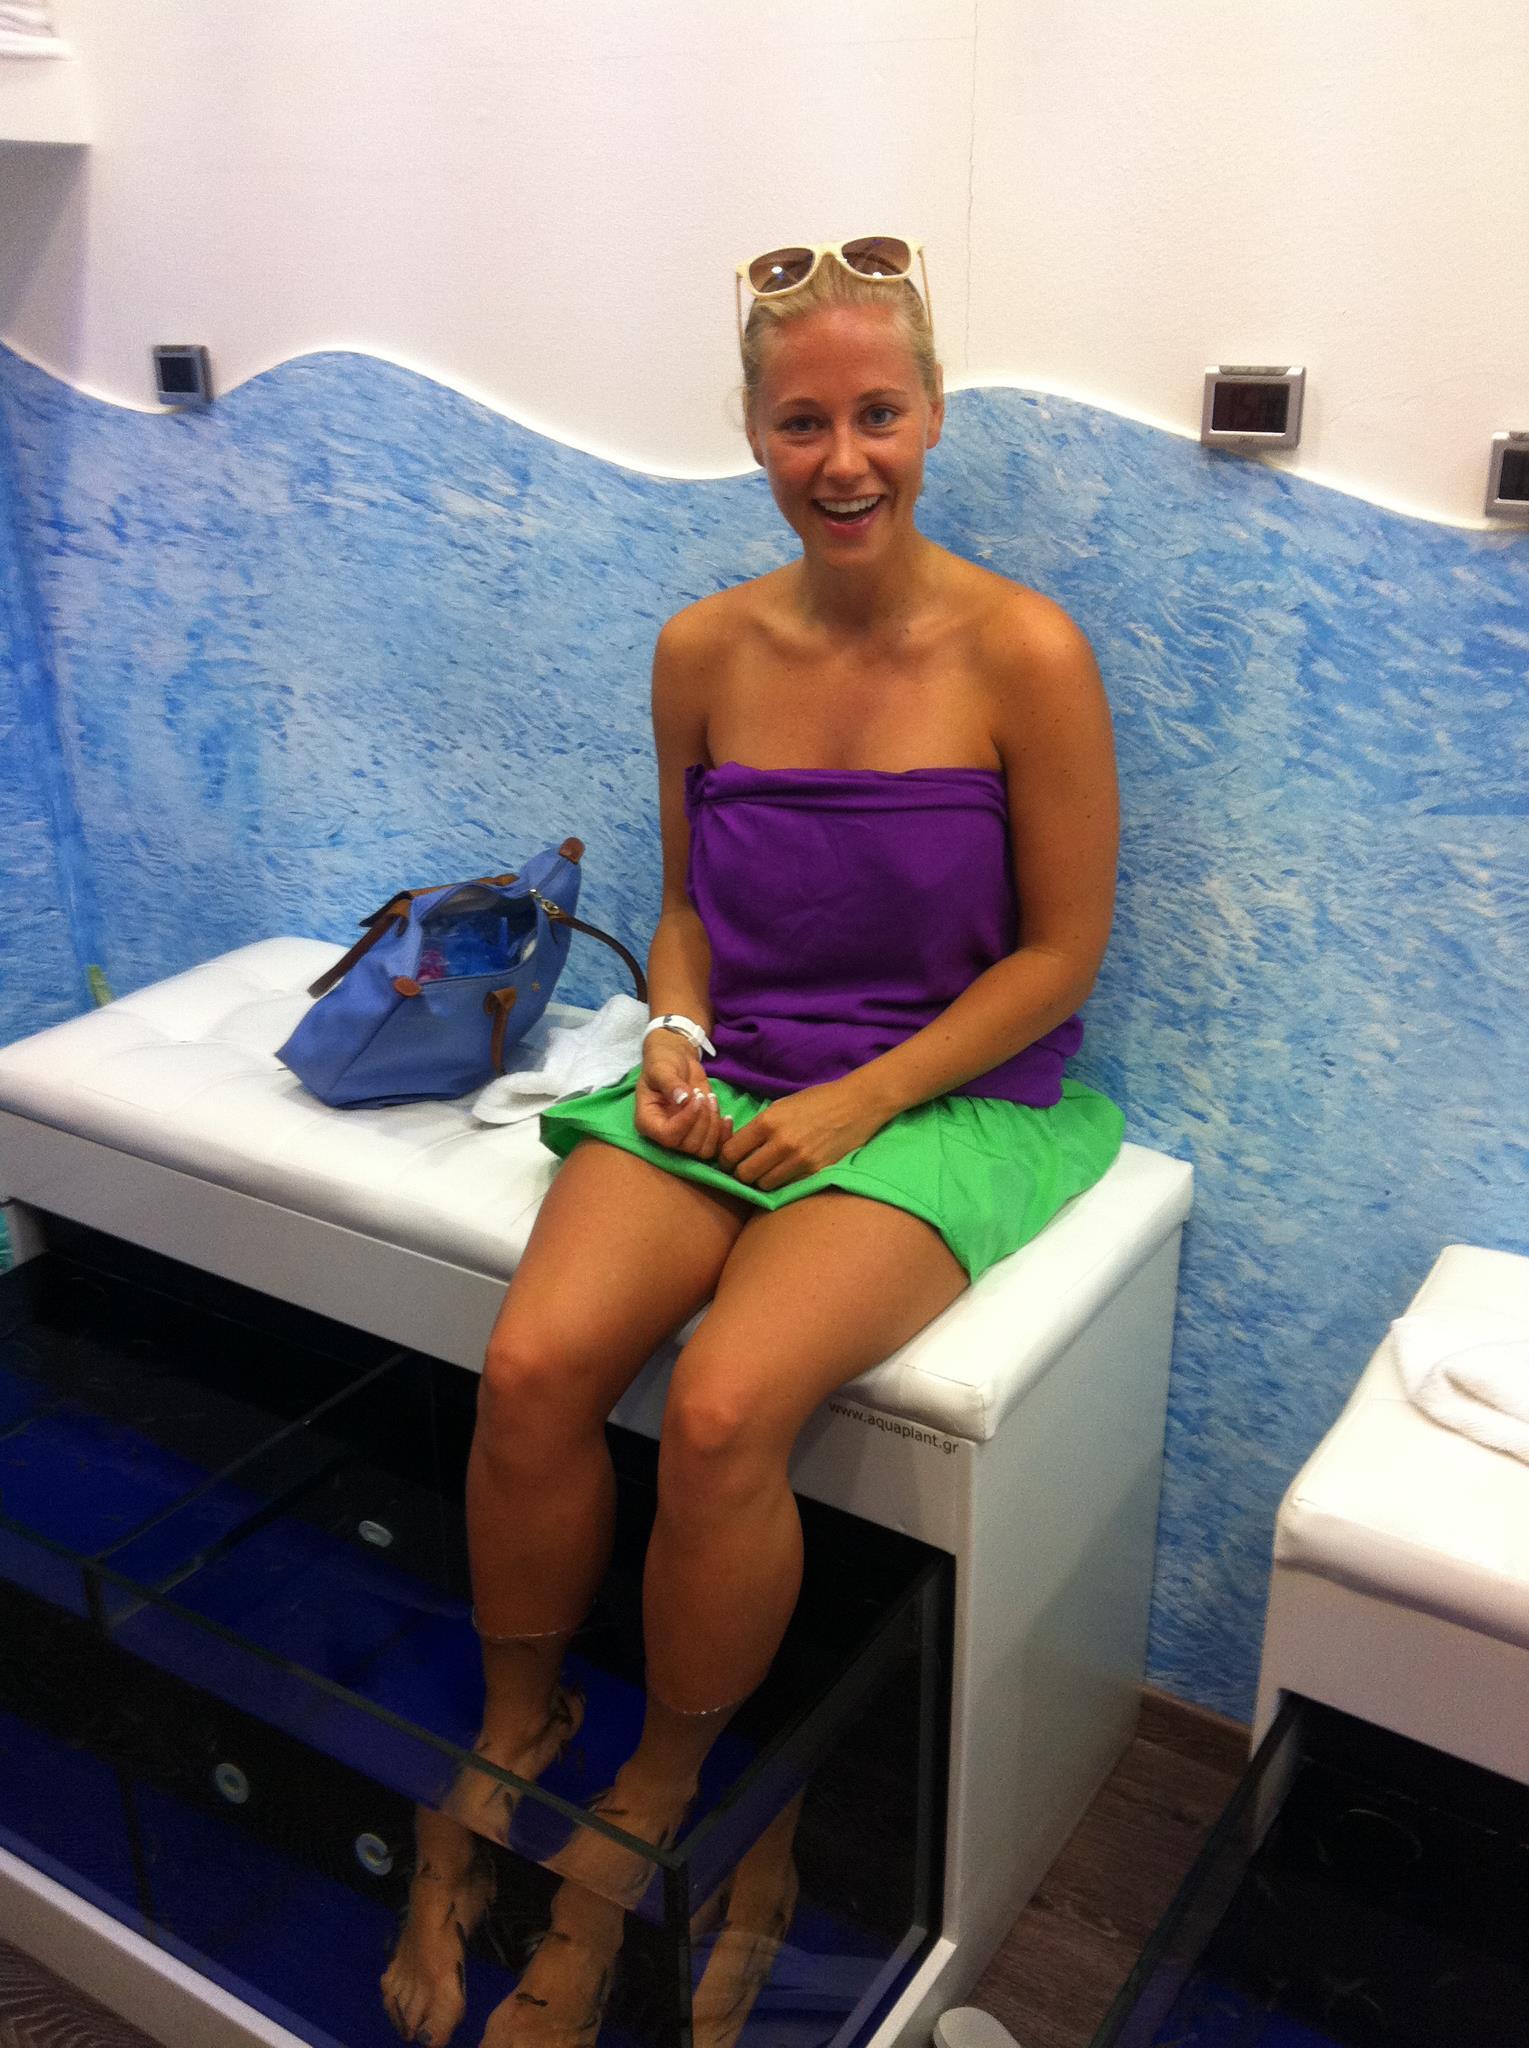 Nackt heinemann hoteltesterin nina Nina vanessa